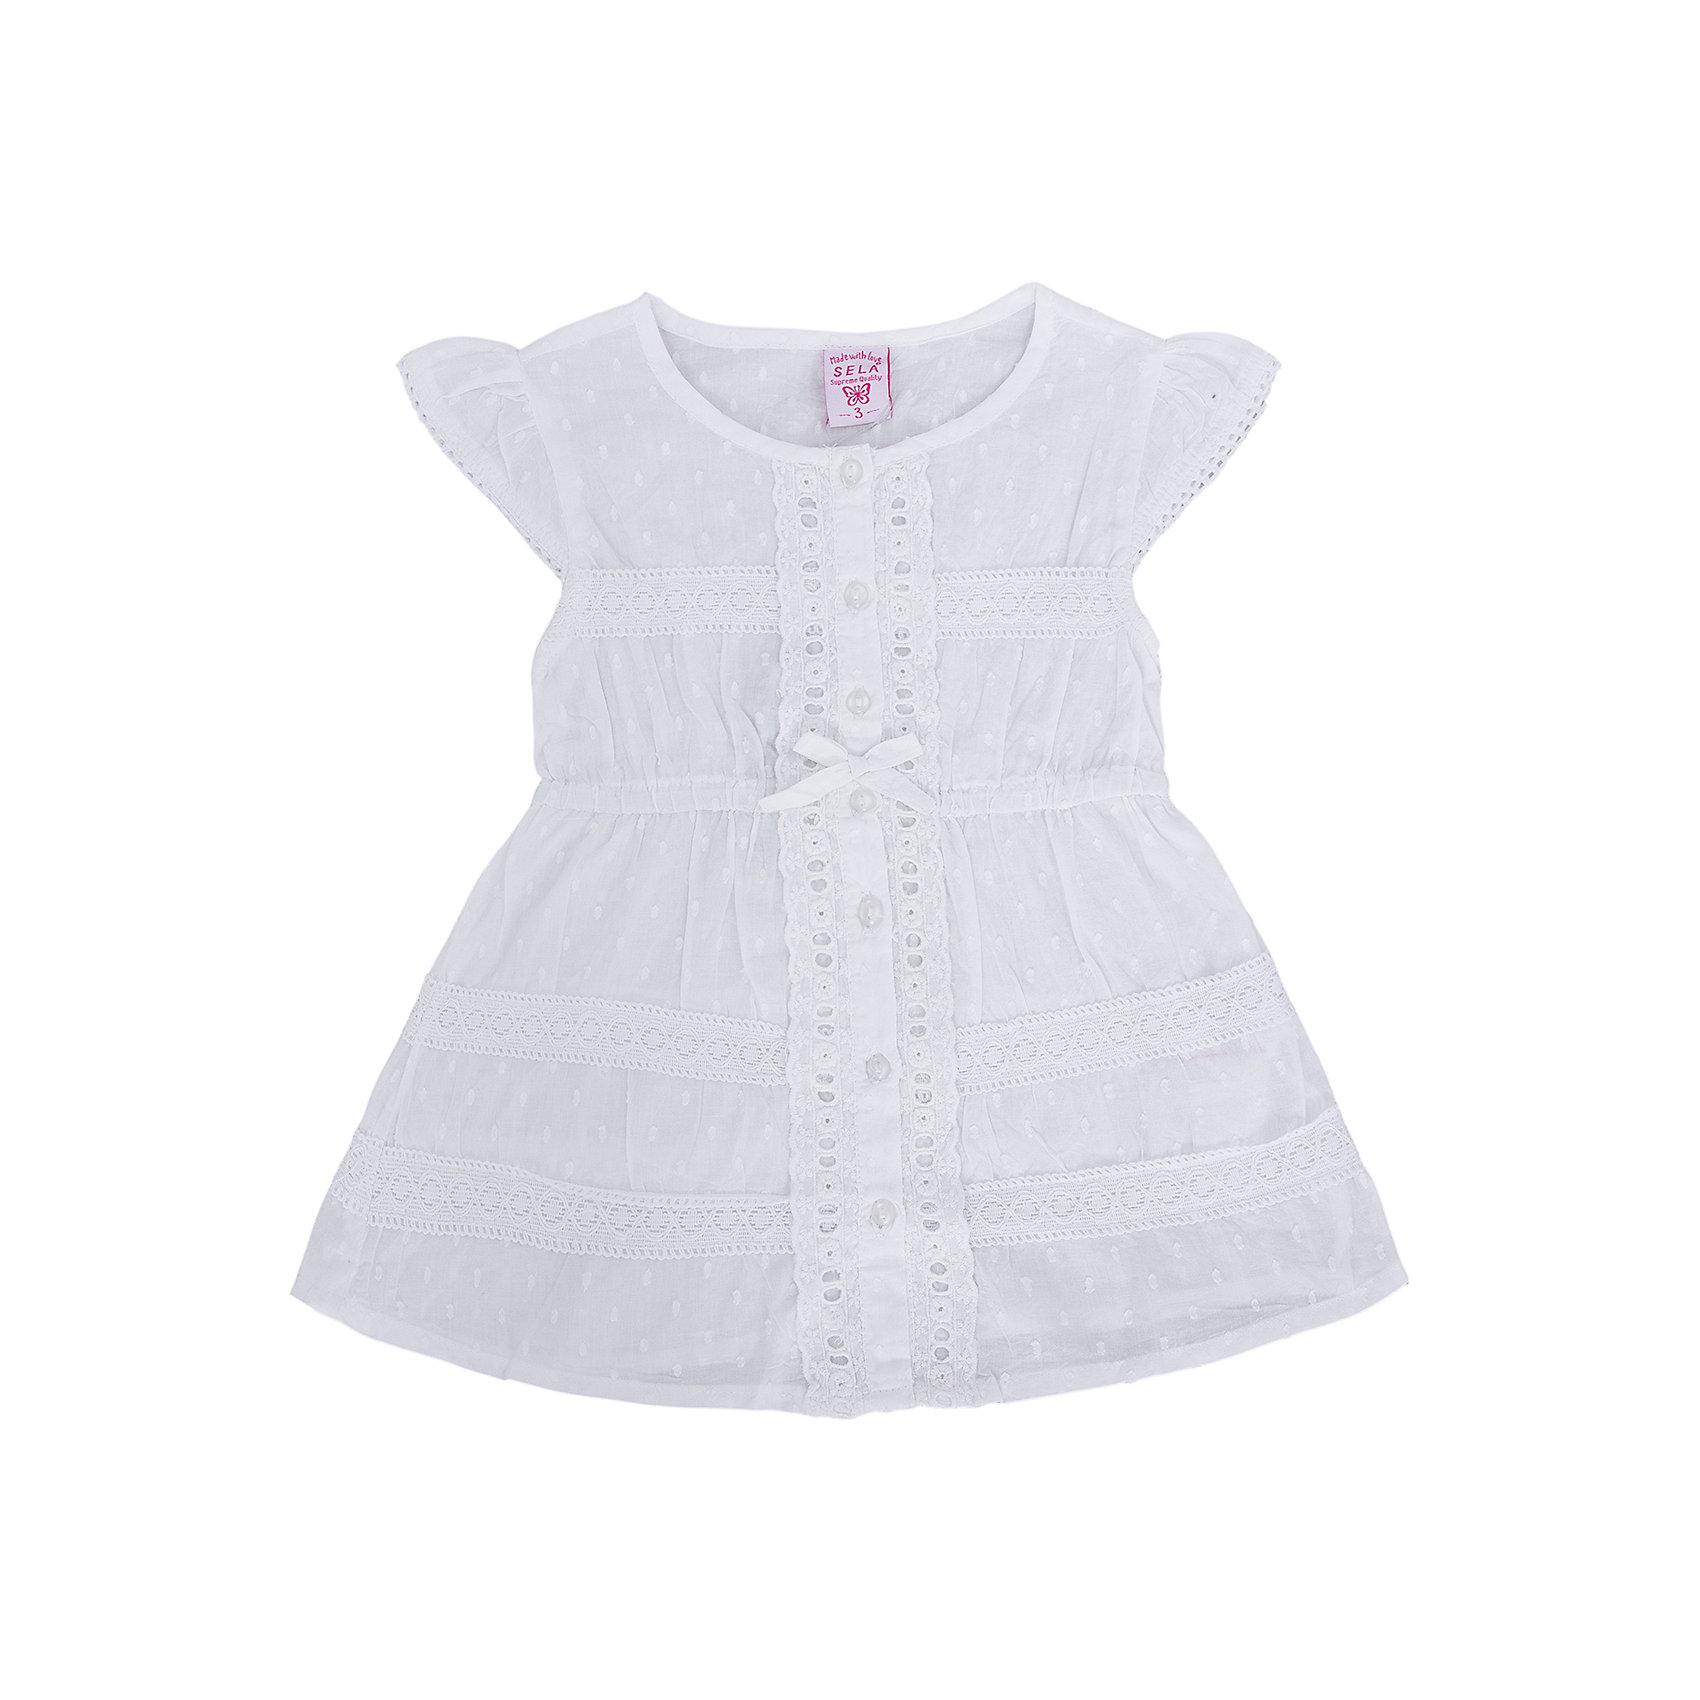 Блузка для девочки SELAОчаровательная блузка для девочки от популярного бренда SELA непременно порадует Вашу юную модницу. Белоснежная блузка с эффектной отделкой выглядит очень нарядно и элегантно. Изделие выполнено из натурального гипоаллергенного материала, легкого, дышащего и приятного к телу, что особенно актуально в жаркий день. Обладает следующими особенностями:<br>- белый цвет, привлекательный дизайн;<br>- округлый вырез горловины;<br>- кокетливые рукава-крылышки;<br>- А-силуэт;<br>- трогательные пуговки в тон;<br>- нежная кружевная отделка;<br>- комфортная посадка.<br>Идеальный выбор для прекрасной леди!<br><br>Дополнительная информация:<br>- состав: 100% хлопок<br>- цвет: белый<br><br>Блузку для девочки SELA можно купить в нашем магазине<br><br>Ширина мм: 186<br>Глубина мм: 87<br>Высота мм: 198<br>Вес г: 197<br>Цвет: белый<br>Возраст от месяцев: 24<br>Возраст до месяцев: 36<br>Пол: Женский<br>Возраст: Детский<br>Размер: 98,92,116,110,104<br>SKU: 4741551